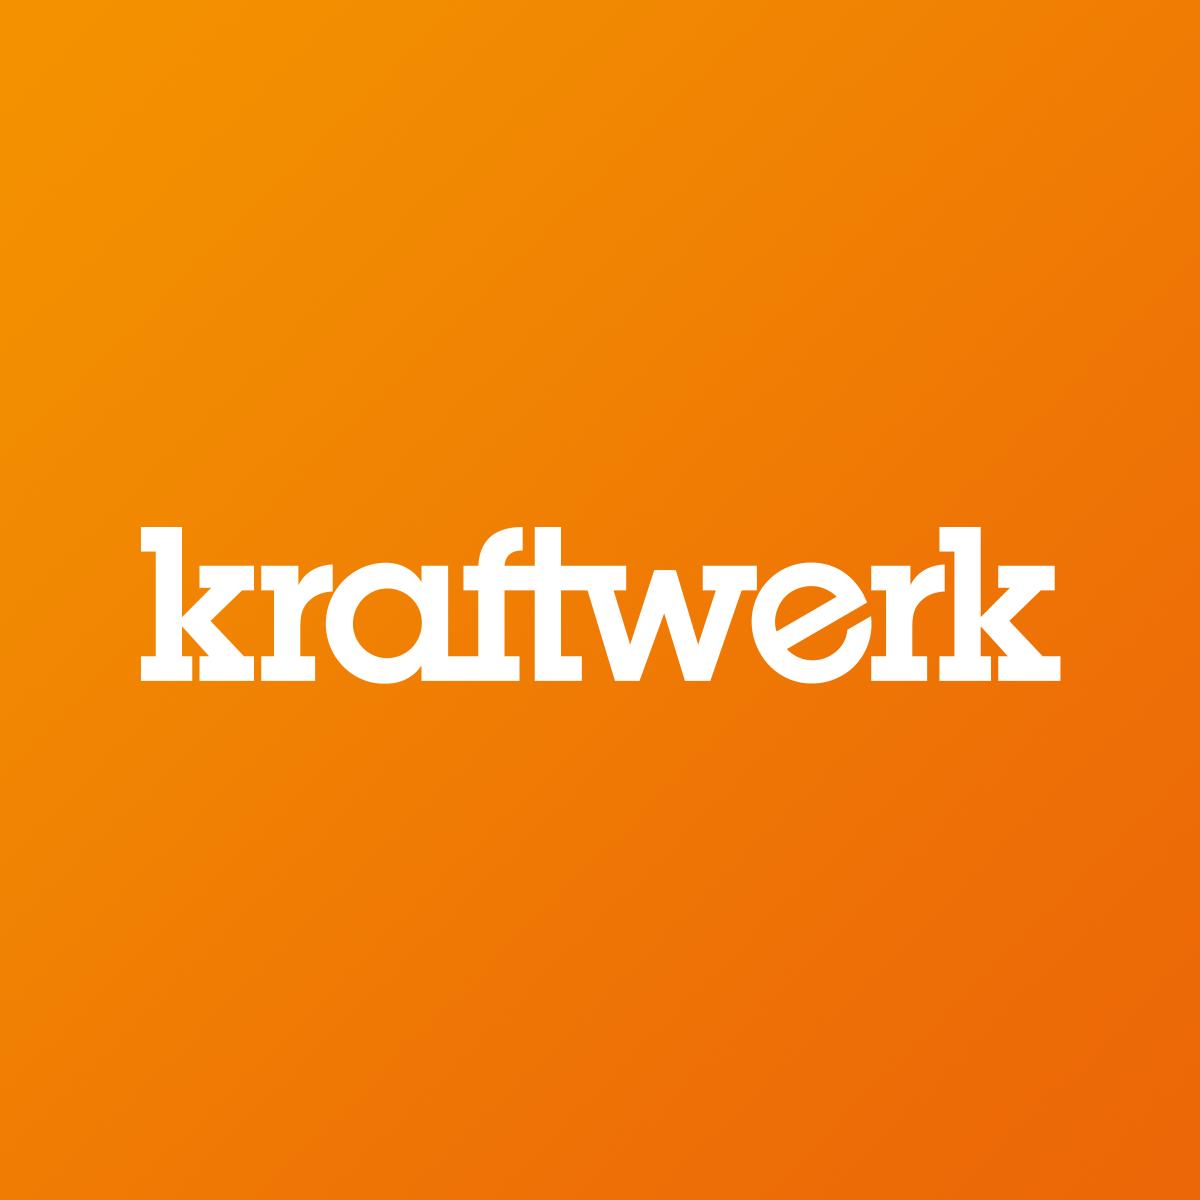 kraftWerk Agentur für neue Kommunikation GmbH - Digital